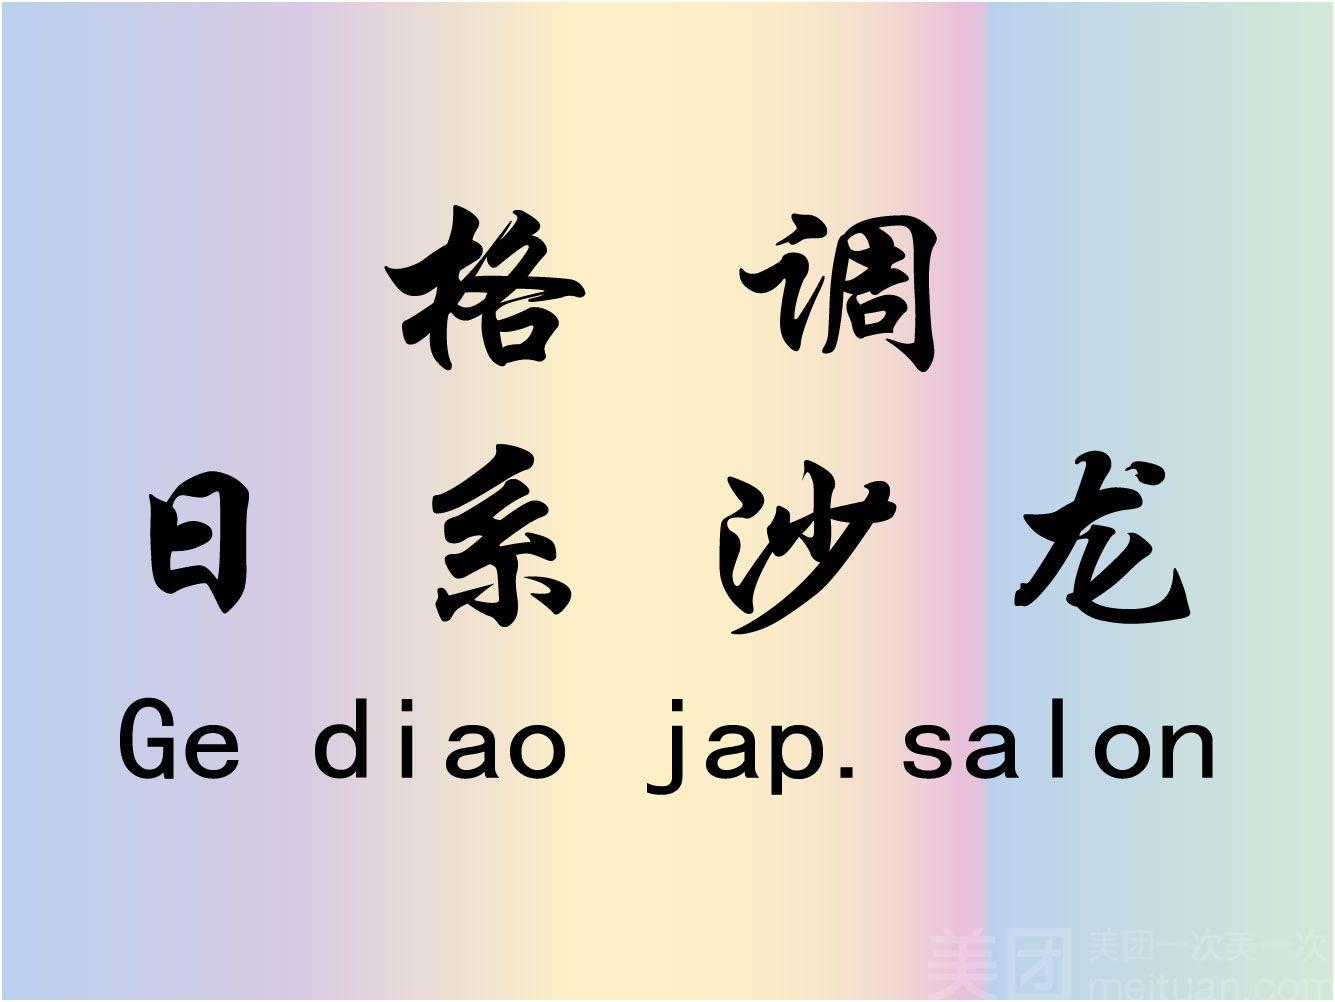 格调日系沙龙(新街口店)-美团